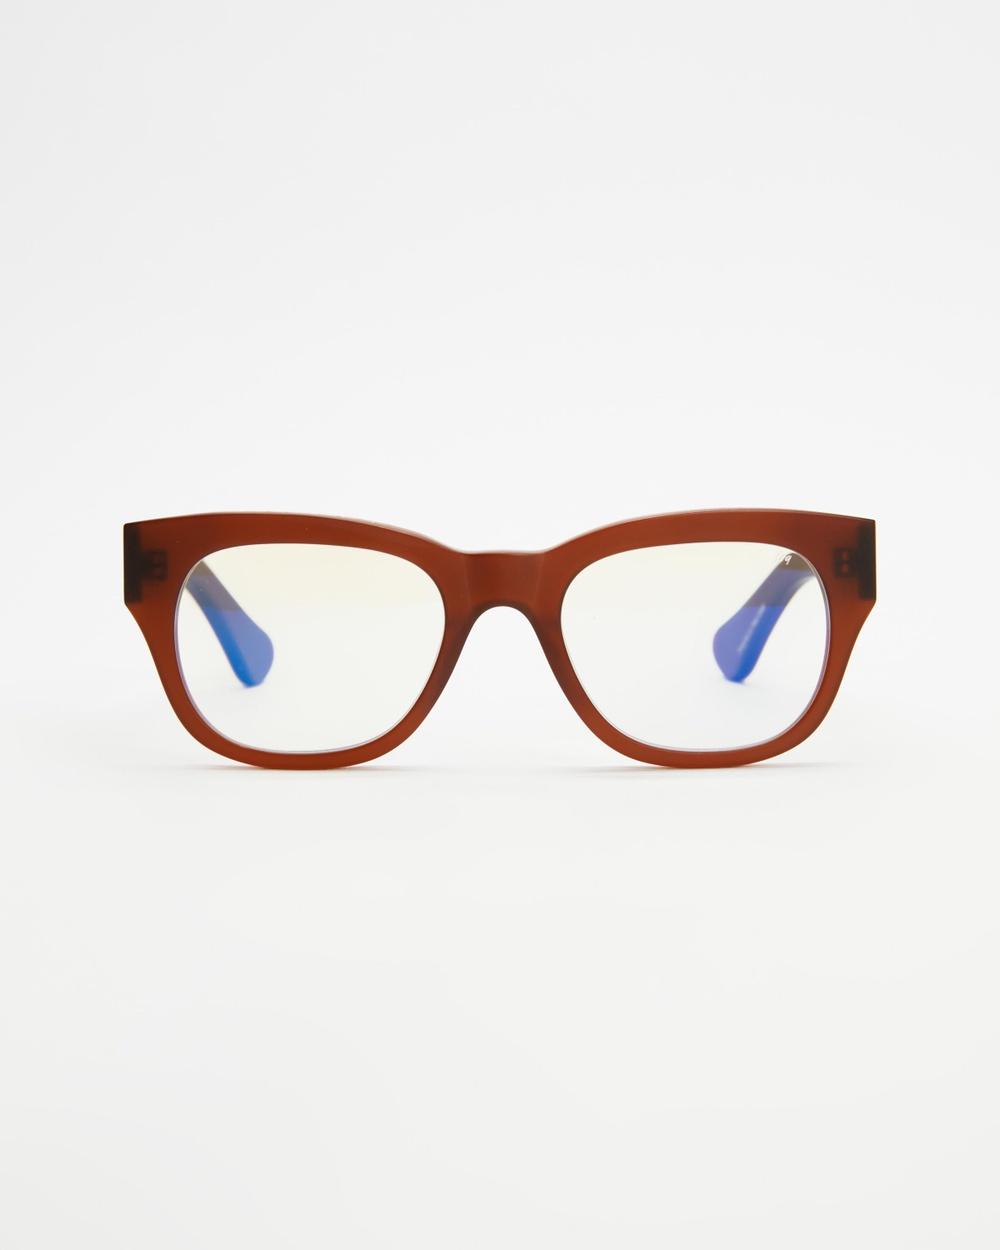 Caddis Miklos Optical Glasses Blue Light Lenses Gopher